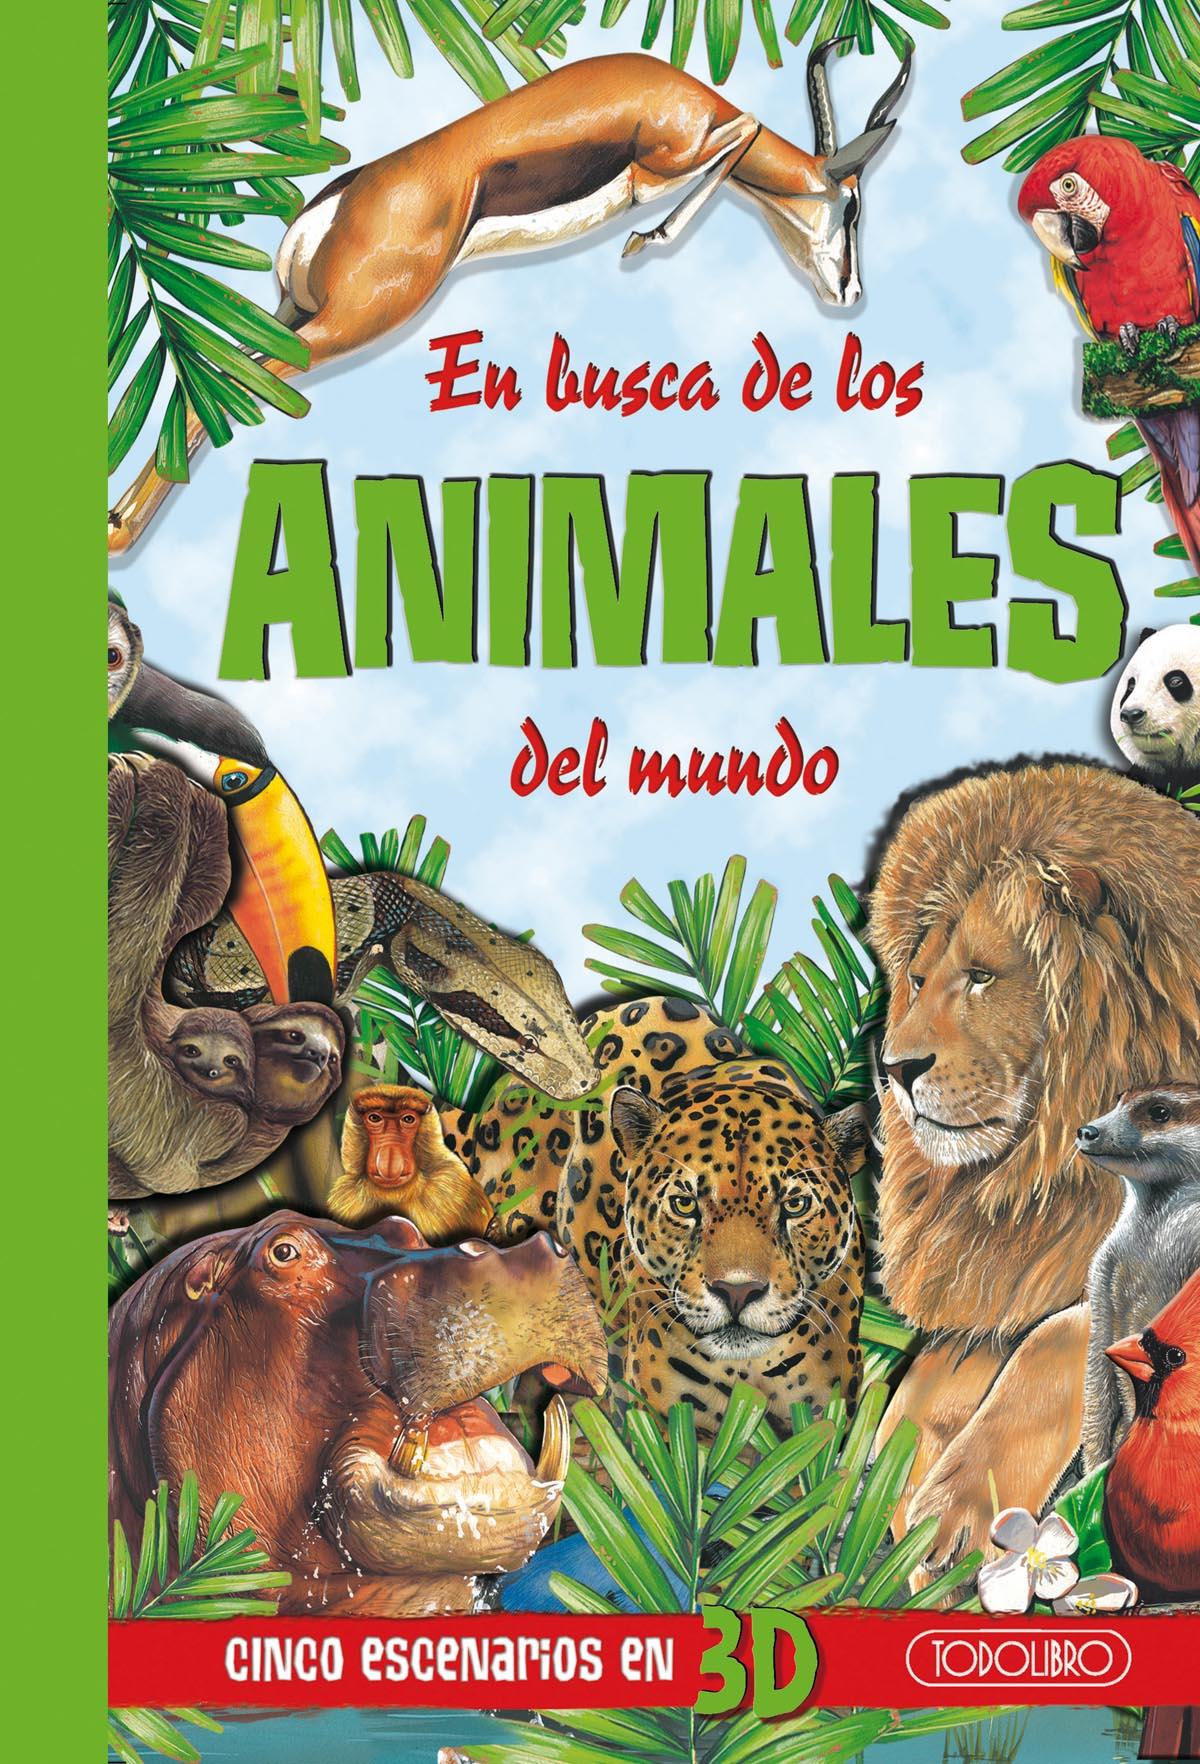 libro de animales todolibro castellano en busca de los